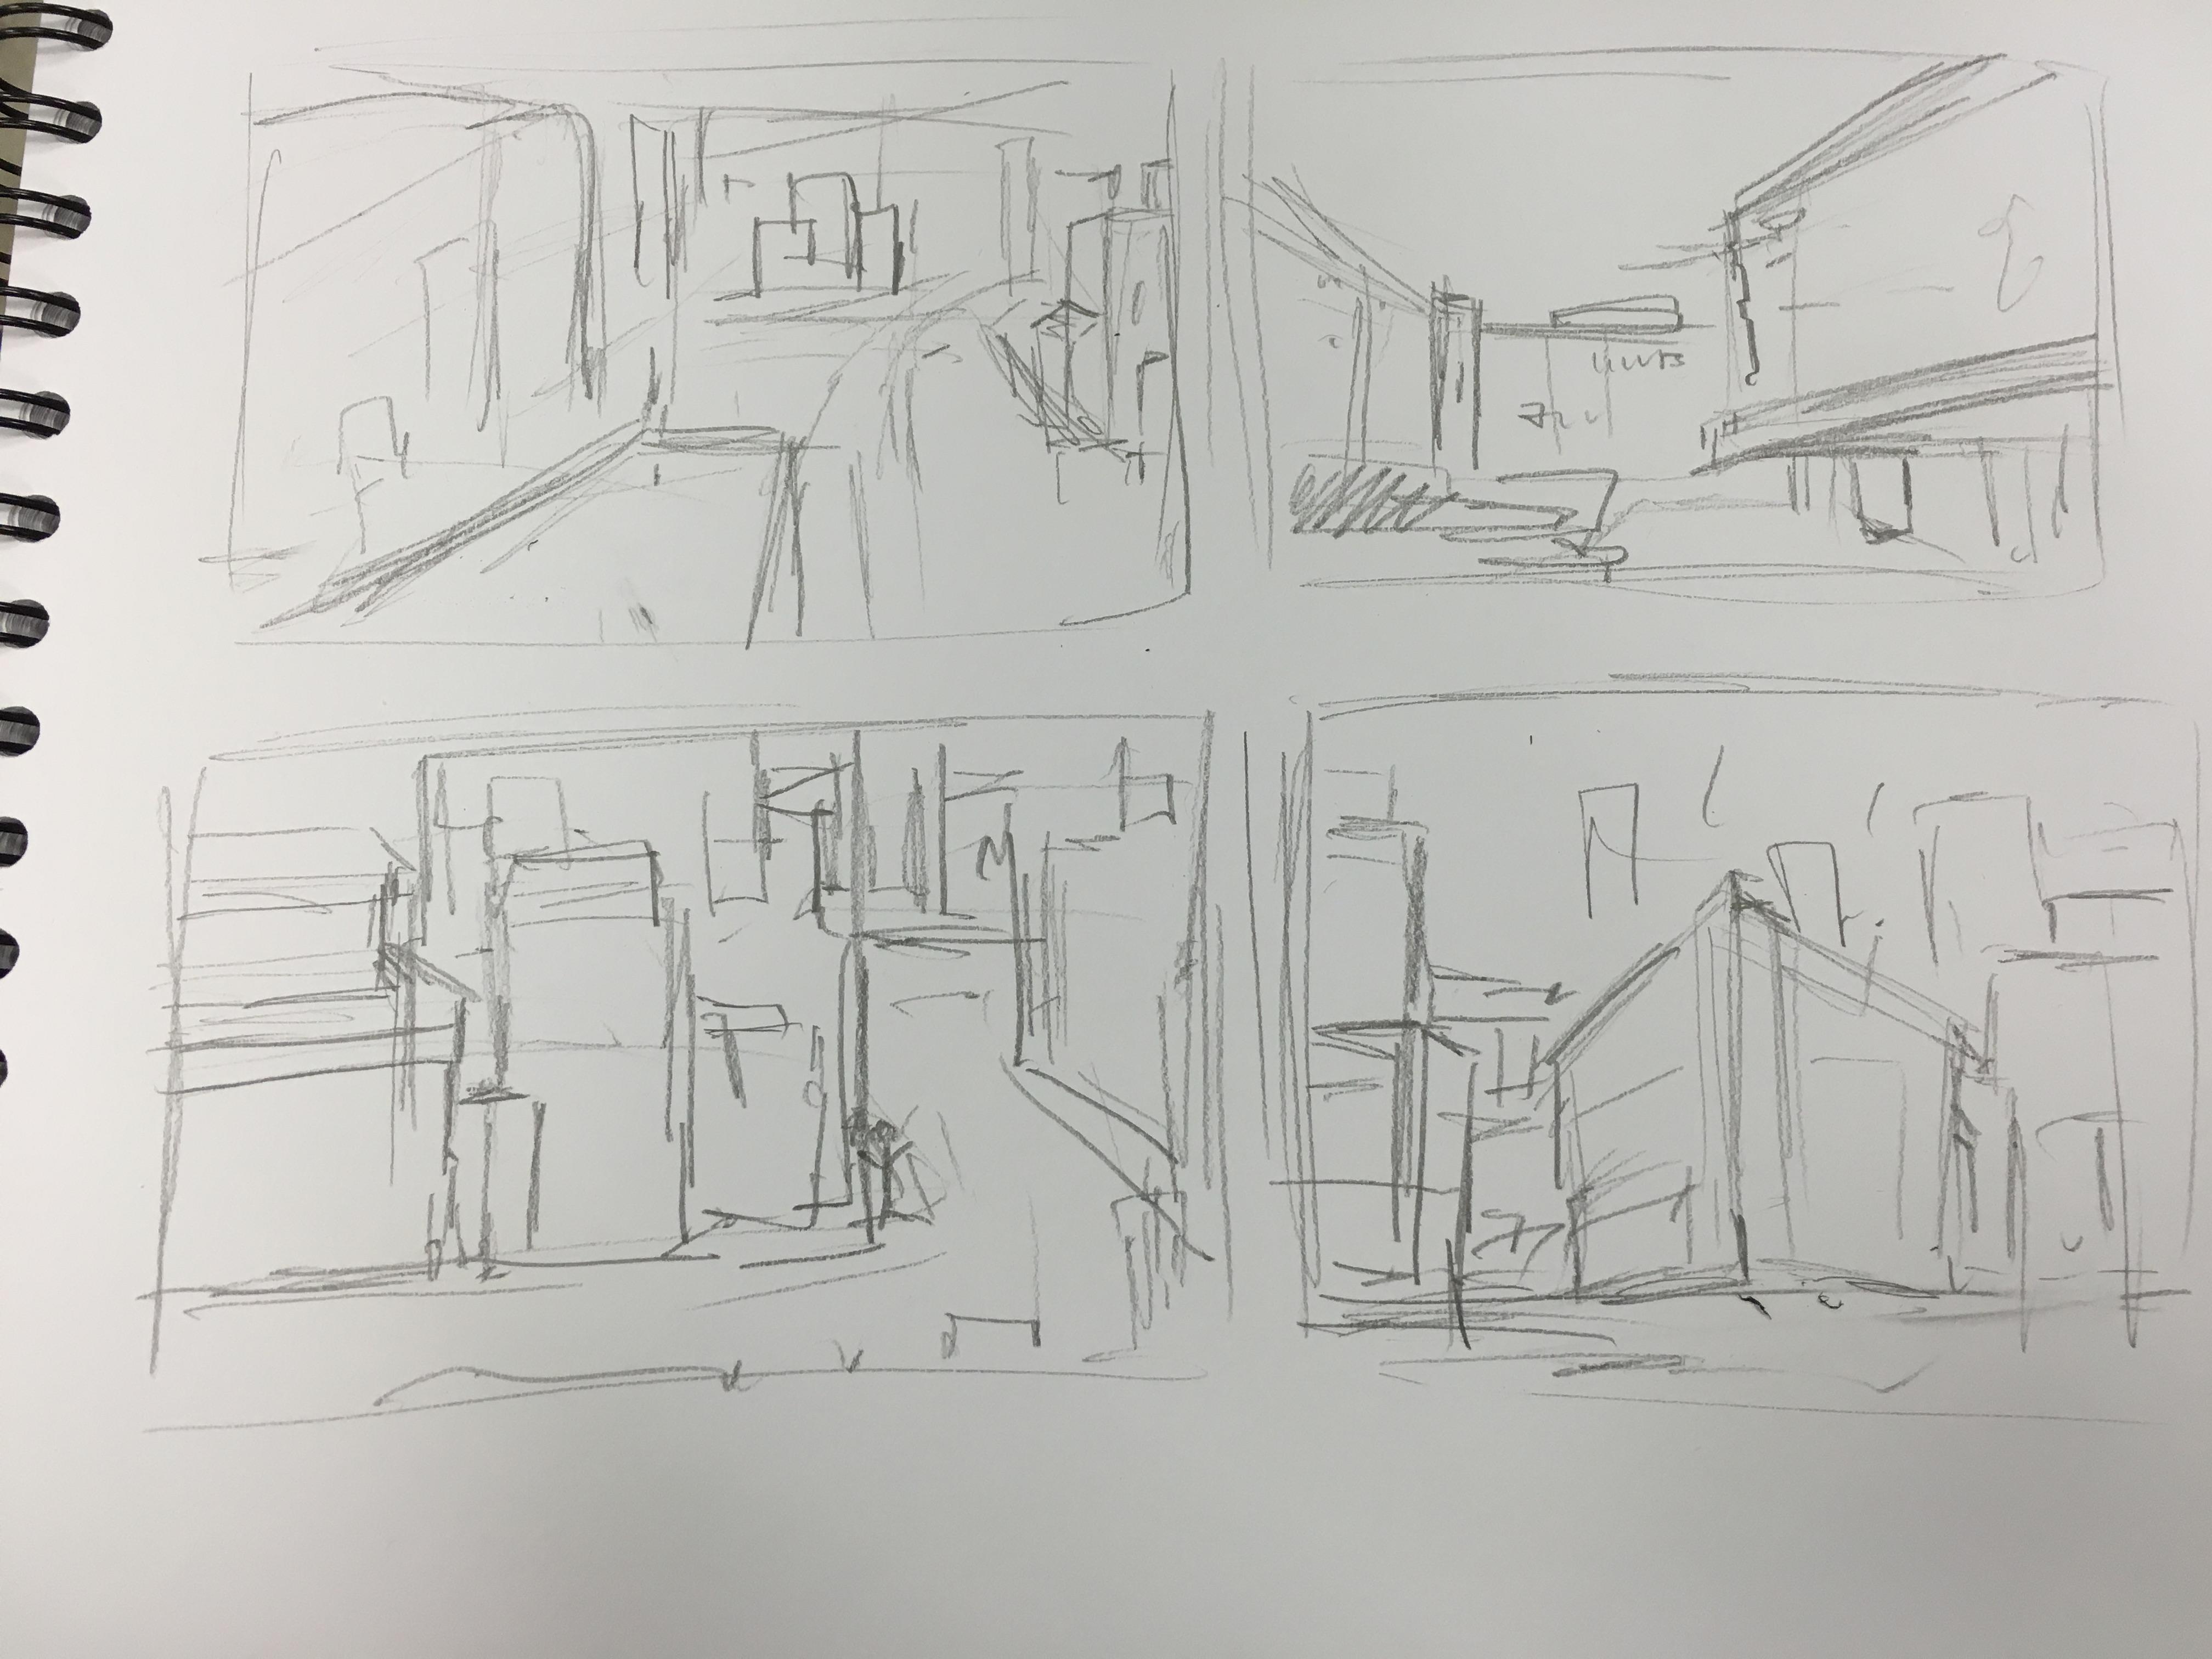 3d Line Drawings : D composition sketches u portfolio site